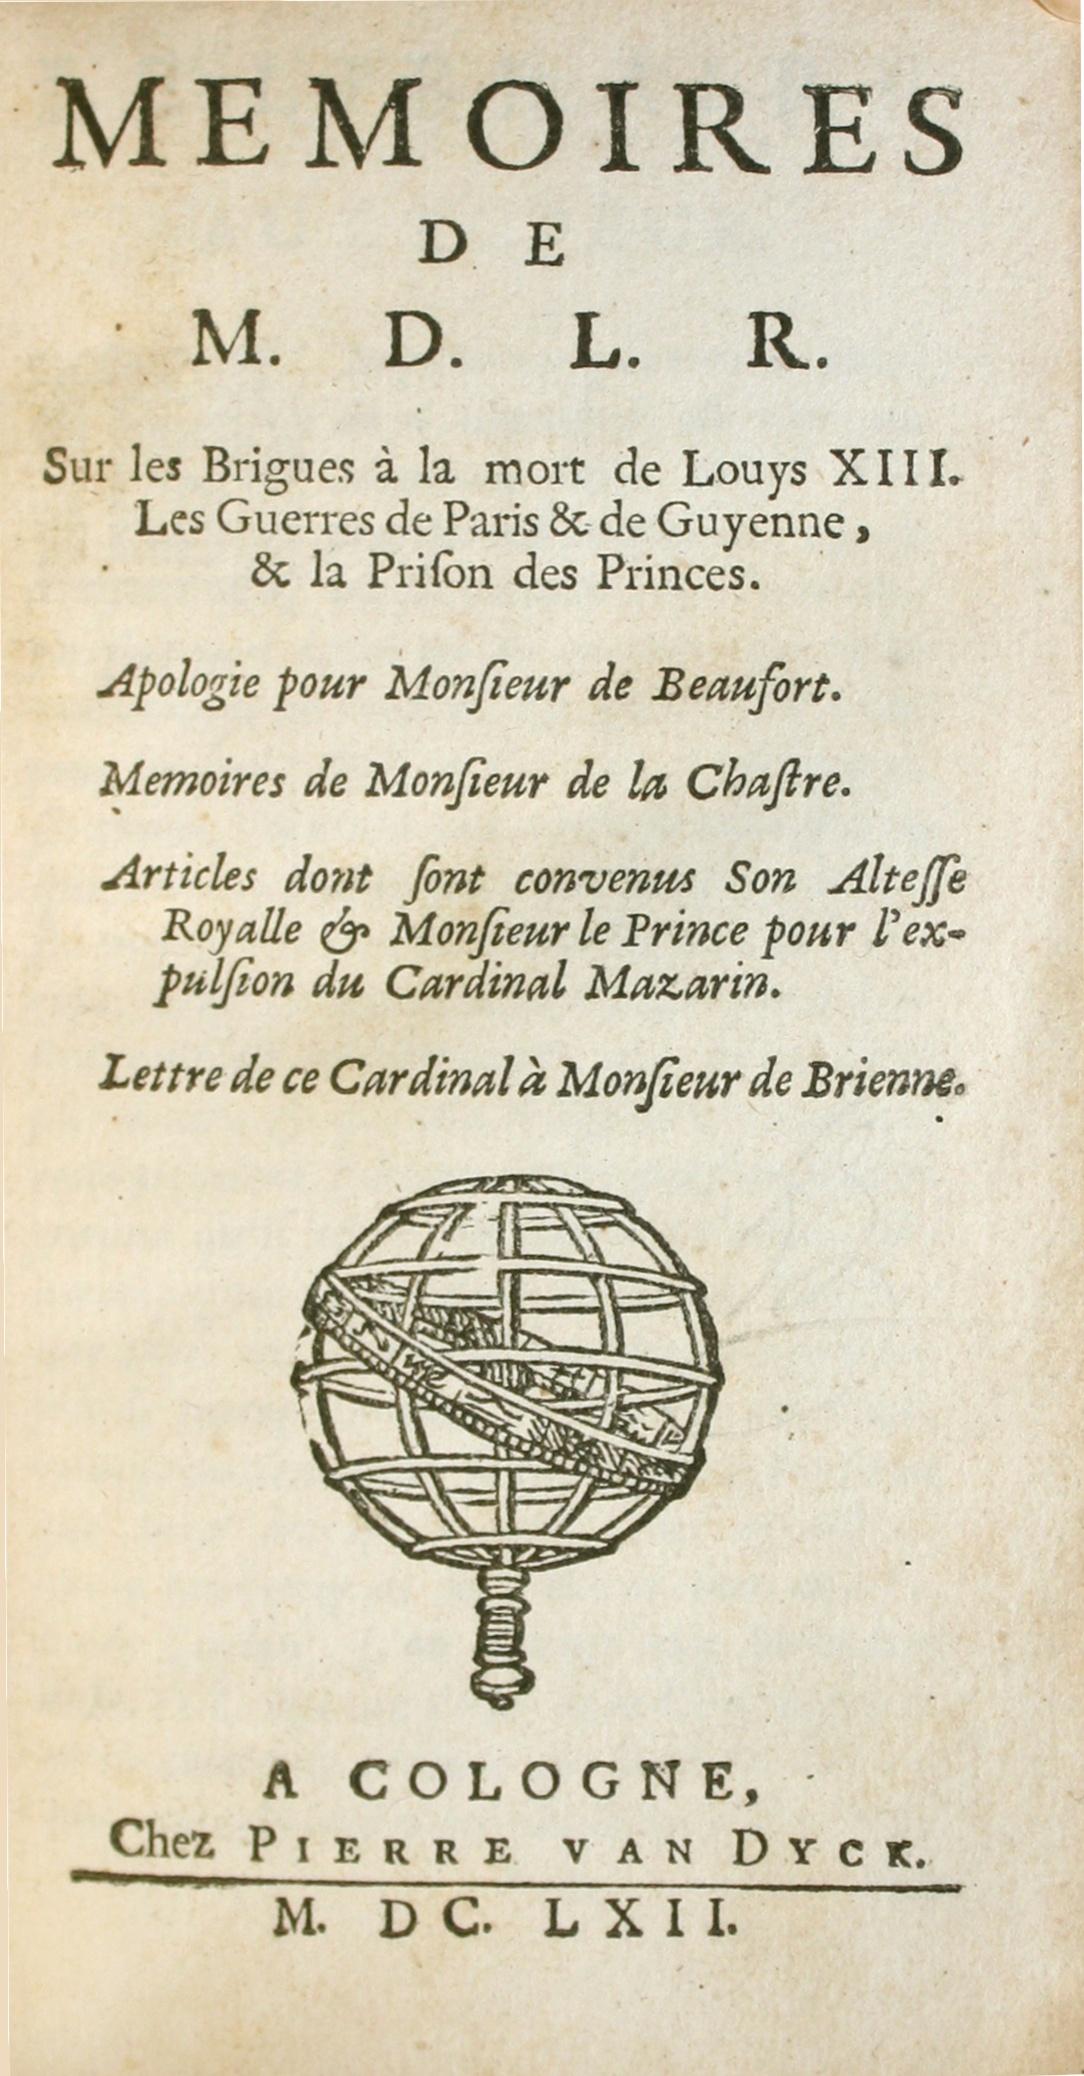 Autour des Mémoires de La Rochefoucauld. Écriture des Mémoires et héroïsme